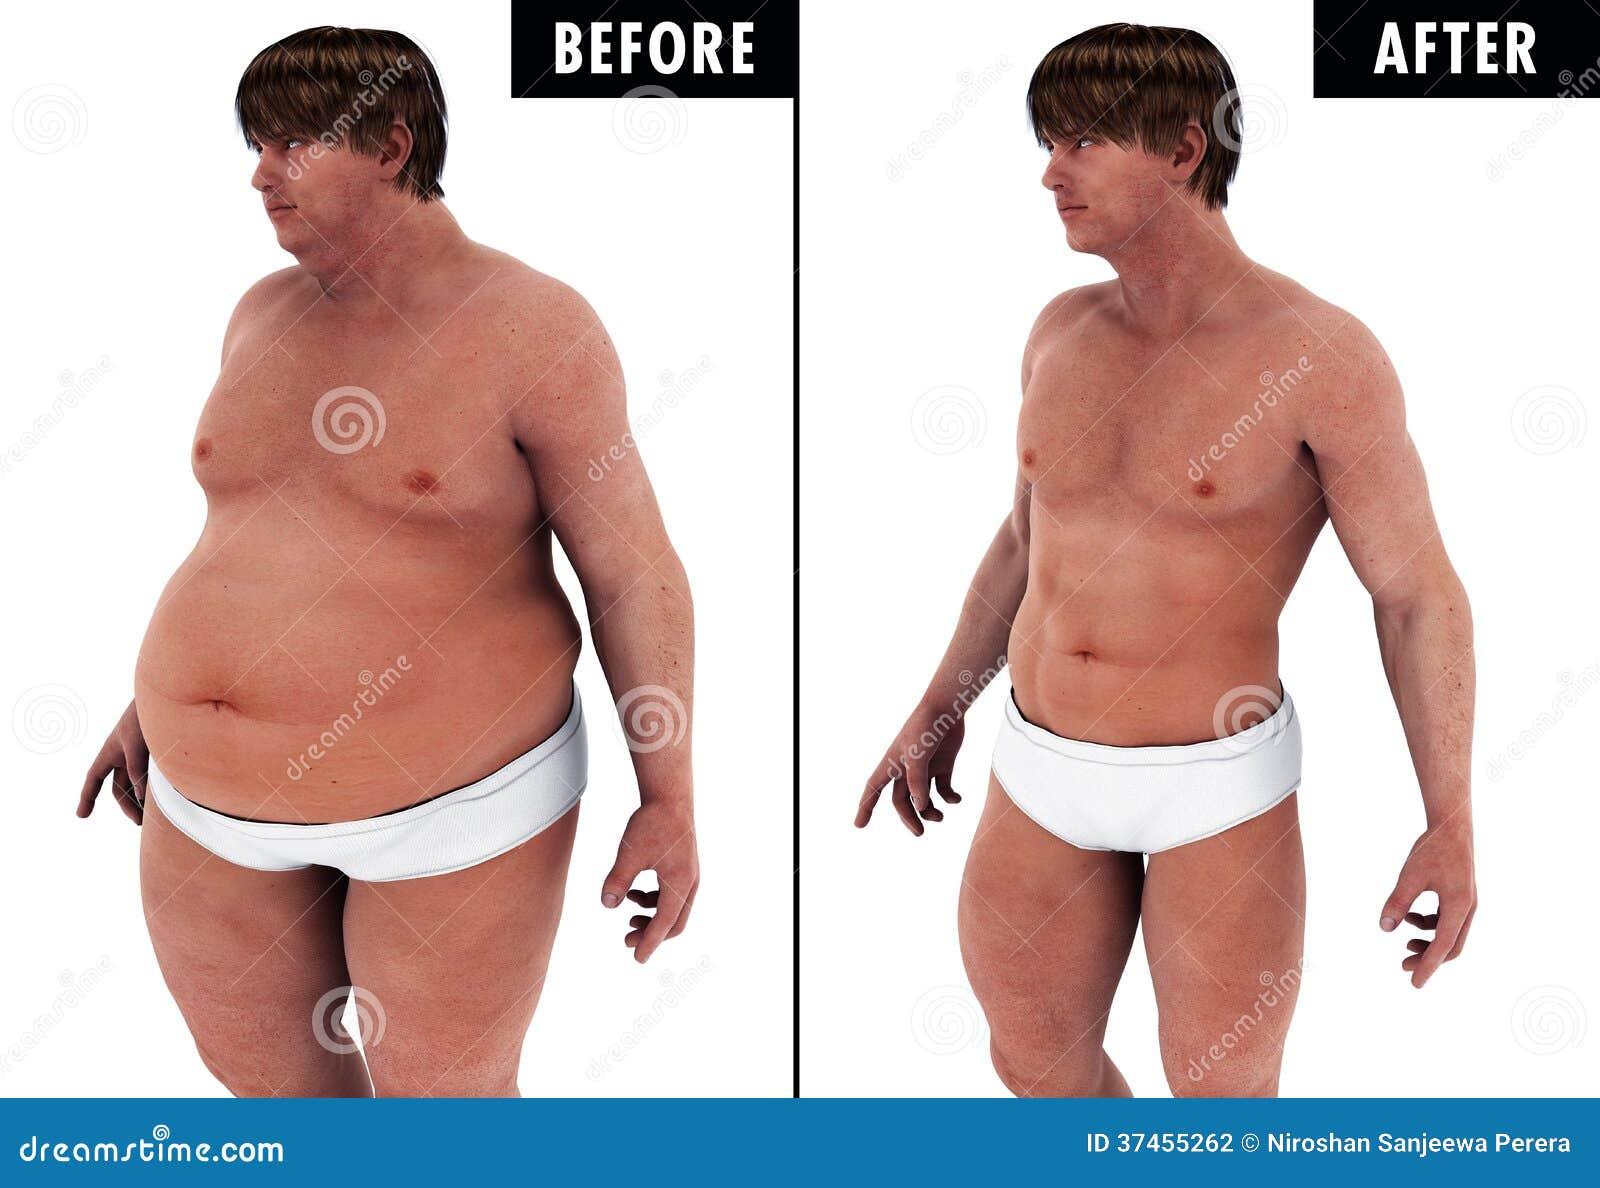 10 conseils pour perdre du poids naturellement